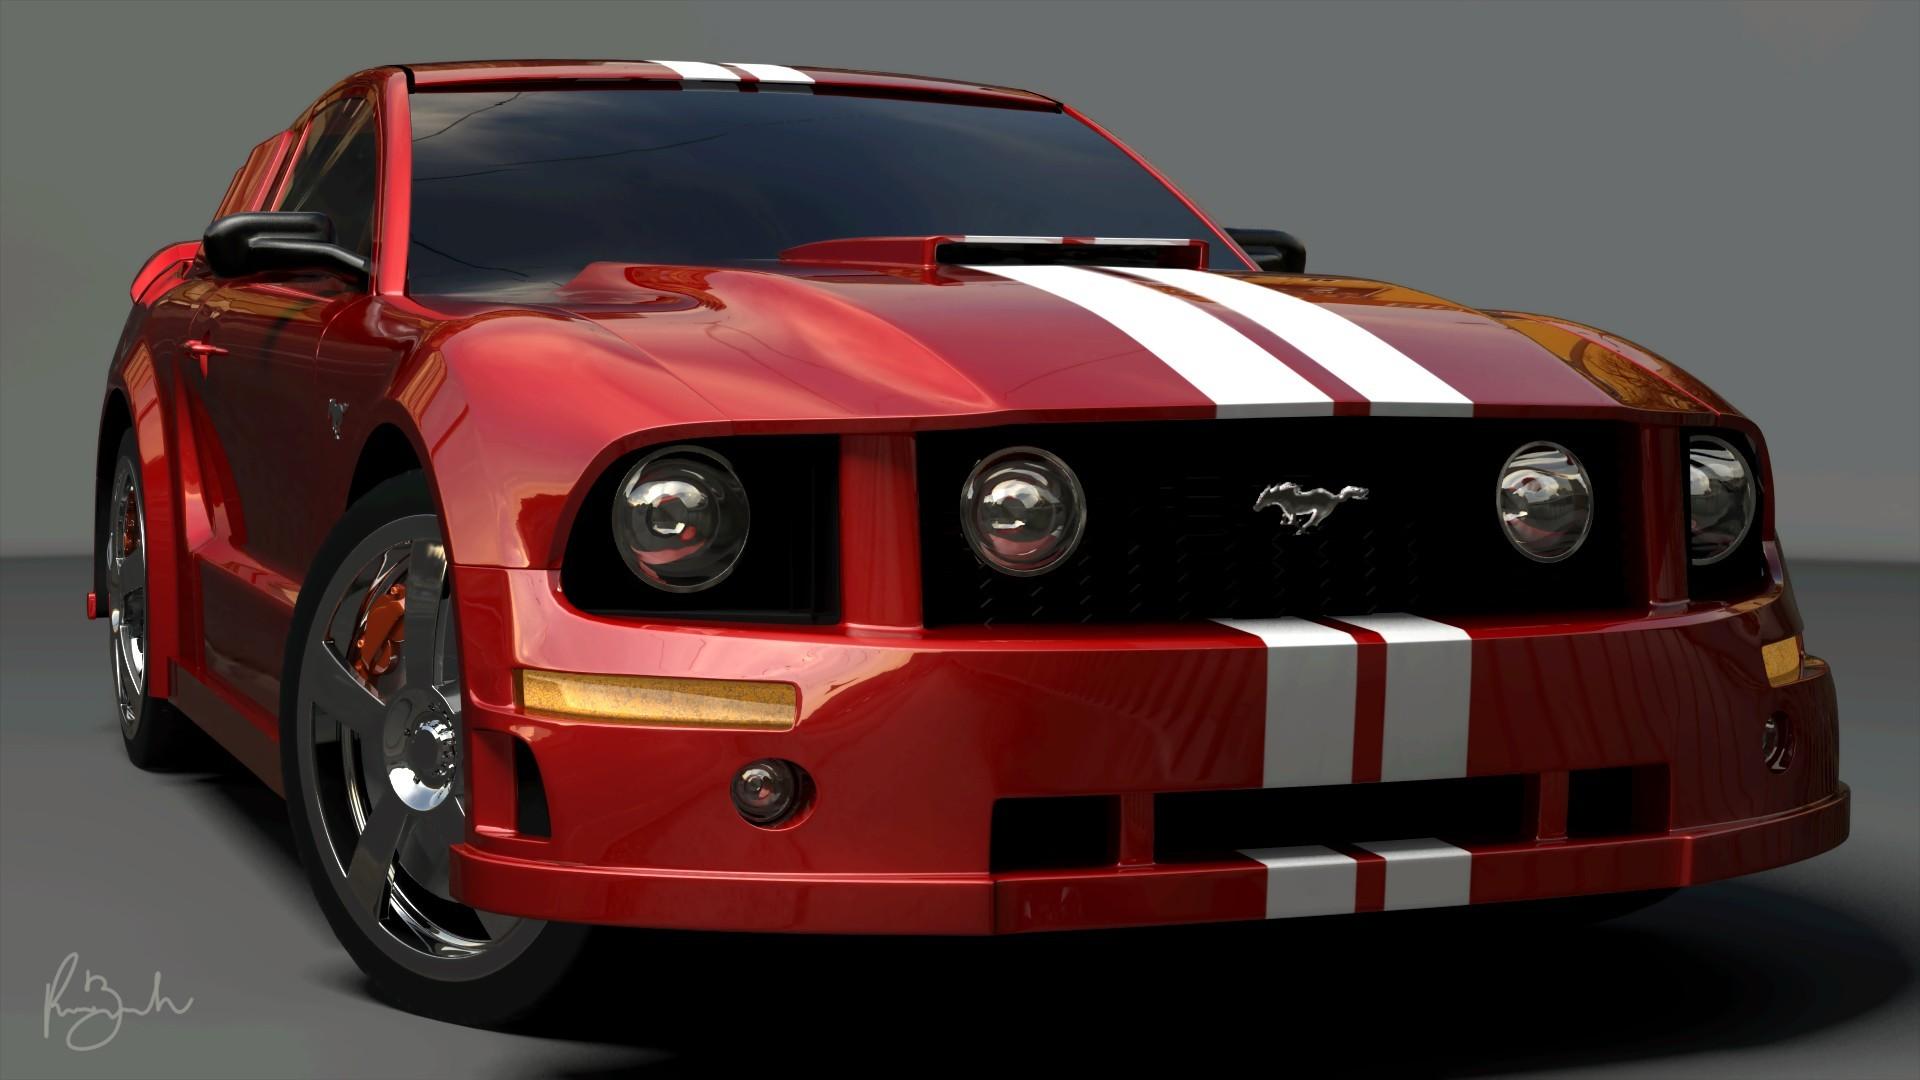 Fondos De Vehiculos: Ford Mustang Fondos De Pantalla, Fondos De Escritorio